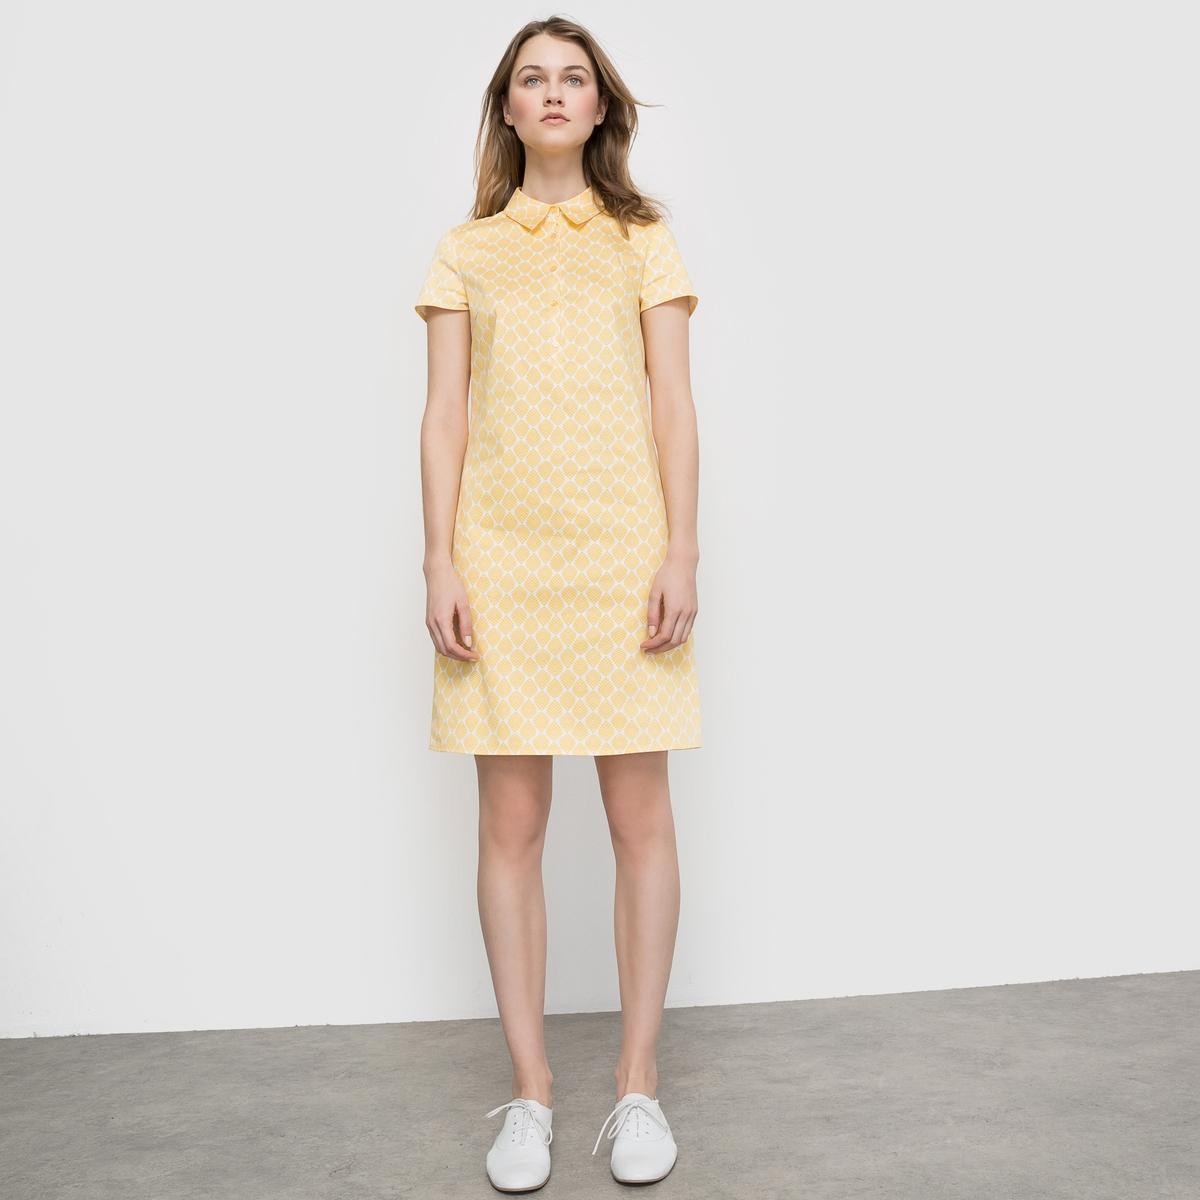 Платье-рубашка с короткими рукавамиПлатье-рубашка с короткими рукавами . Прямой покрой . Небольшой рубашечный воротник. Длина 90 см . Состав и детали : Материал : хлопковый атлас 98% хлопка, 2% эластана Марка : LES PETITS PRIX.Уход :Стирка : при 30° с изнанки Глажка : с изнаночной стороны<br><br>Цвет: набивной рисунок<br>Размер: 48 (FR) - 54 (RUS)